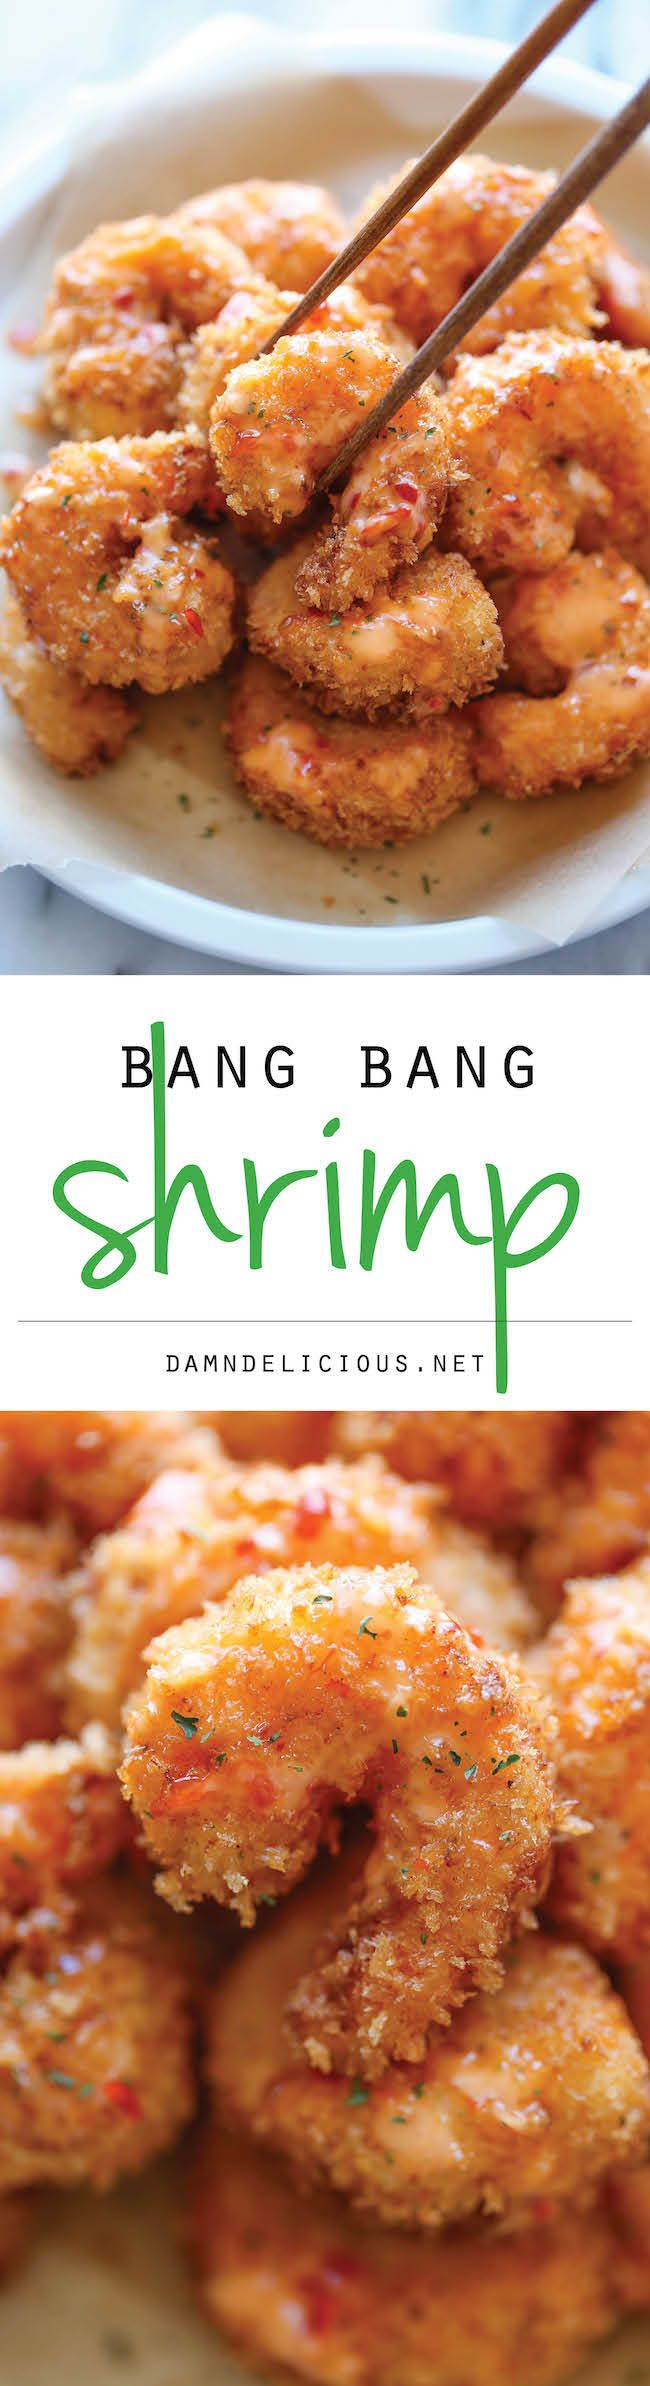 {New Post} Bang Bang Shrimp - theresarlutz@gmail.com - Gmail